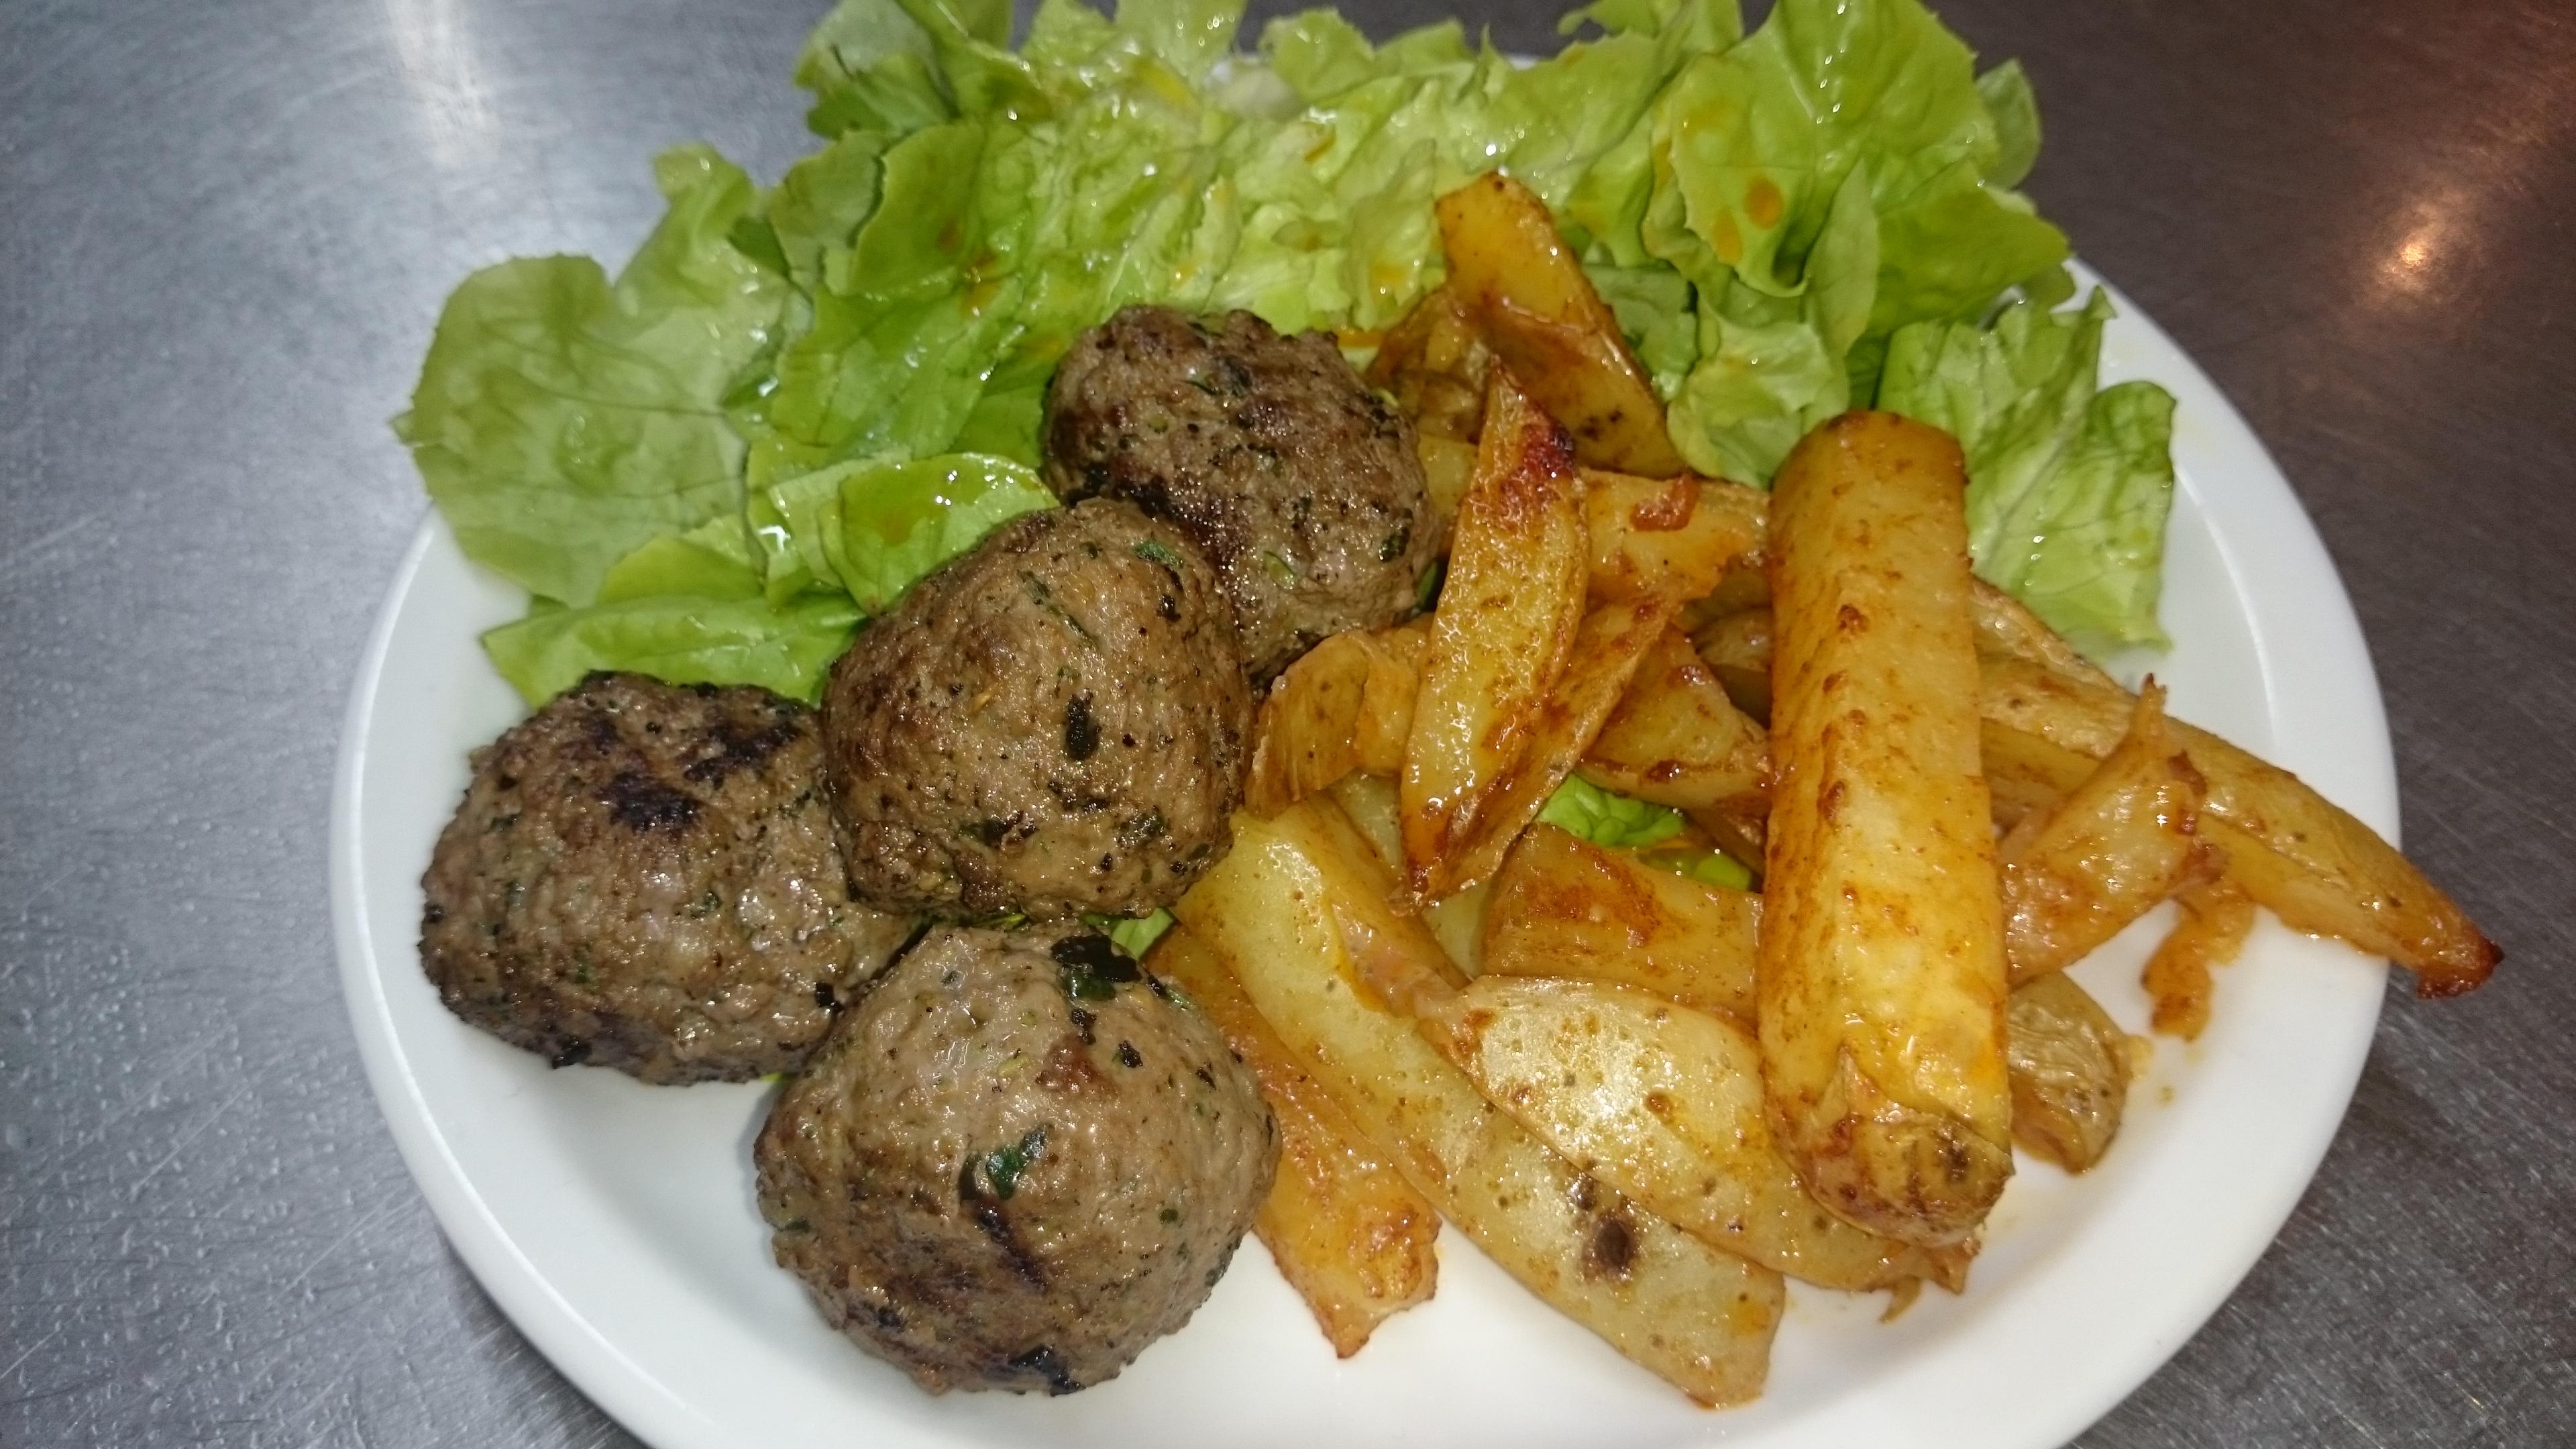 Kefta de boeuf, pommes/terre salade